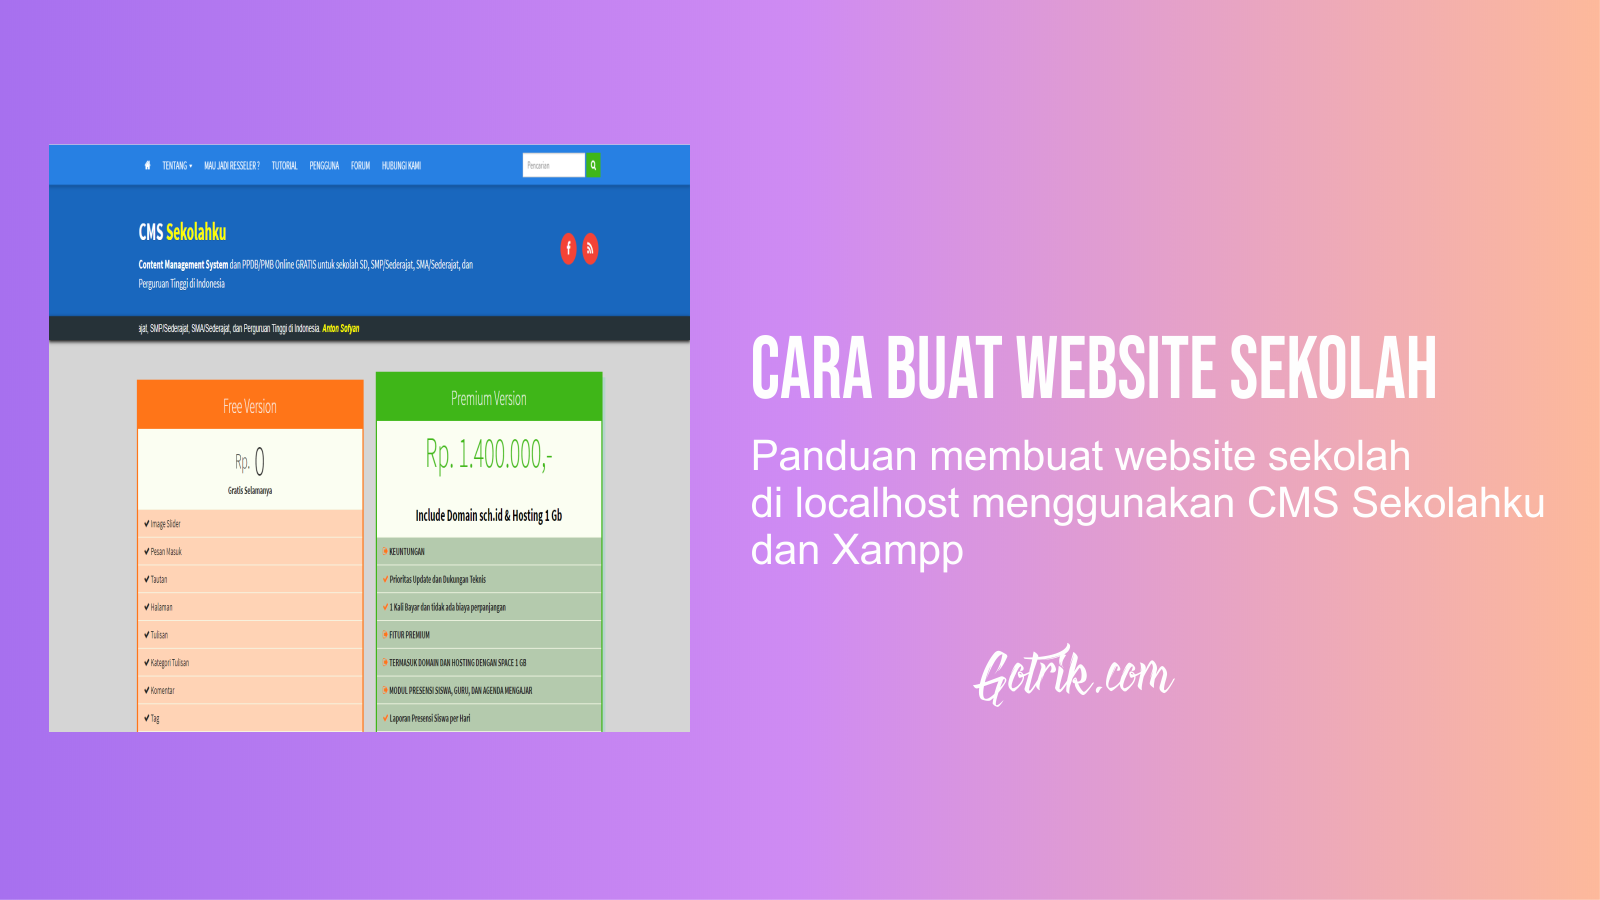 Cara Buat Website Sekolah Menggunakan Cms Sekolahku Sekolah Website Kegiatan Sekolah